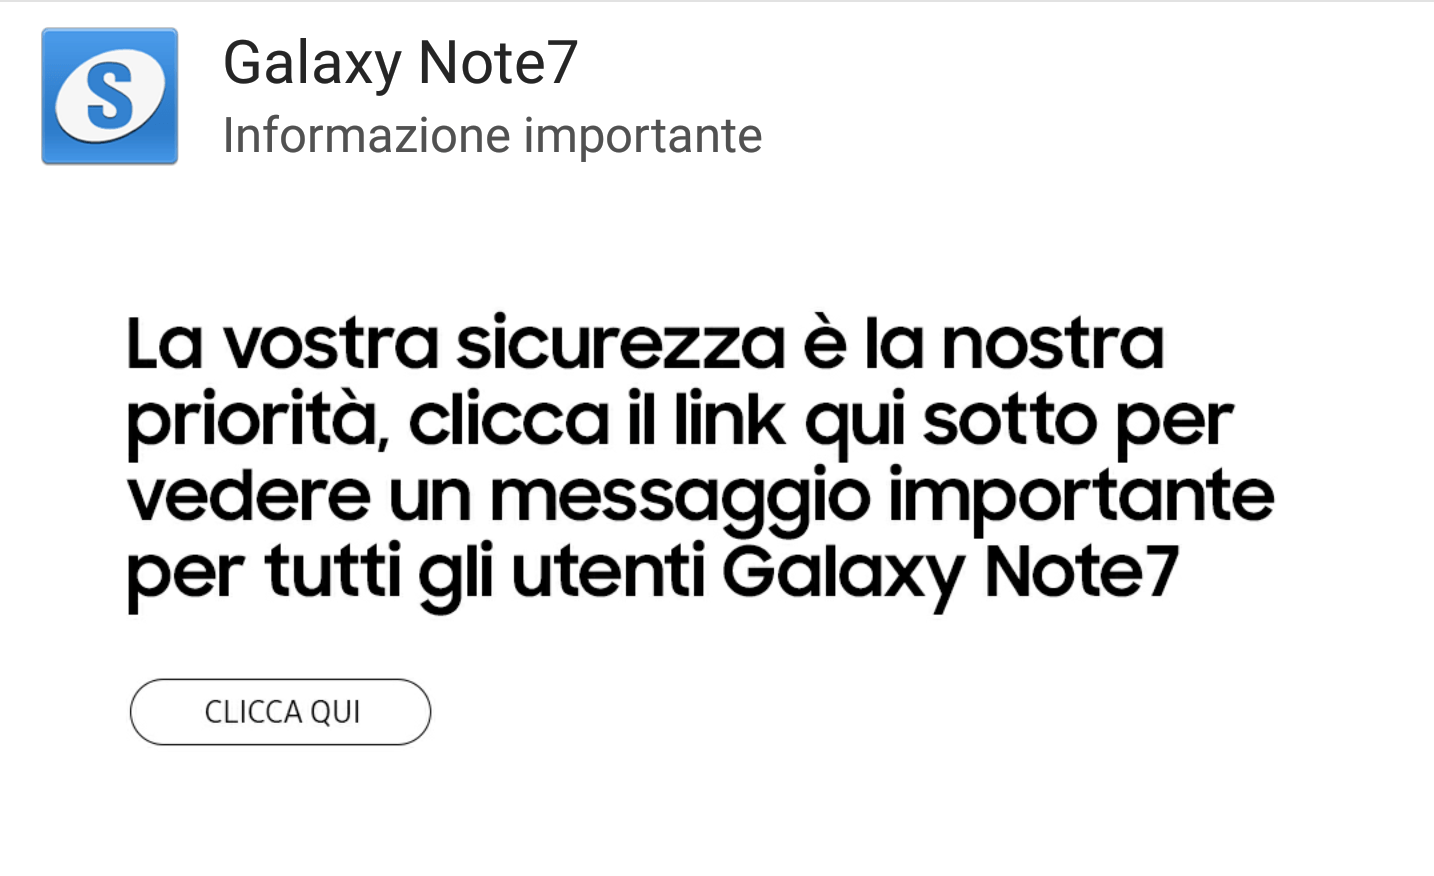 Ufficiale: Galaxy Note 7 ritirato dal mercato, che